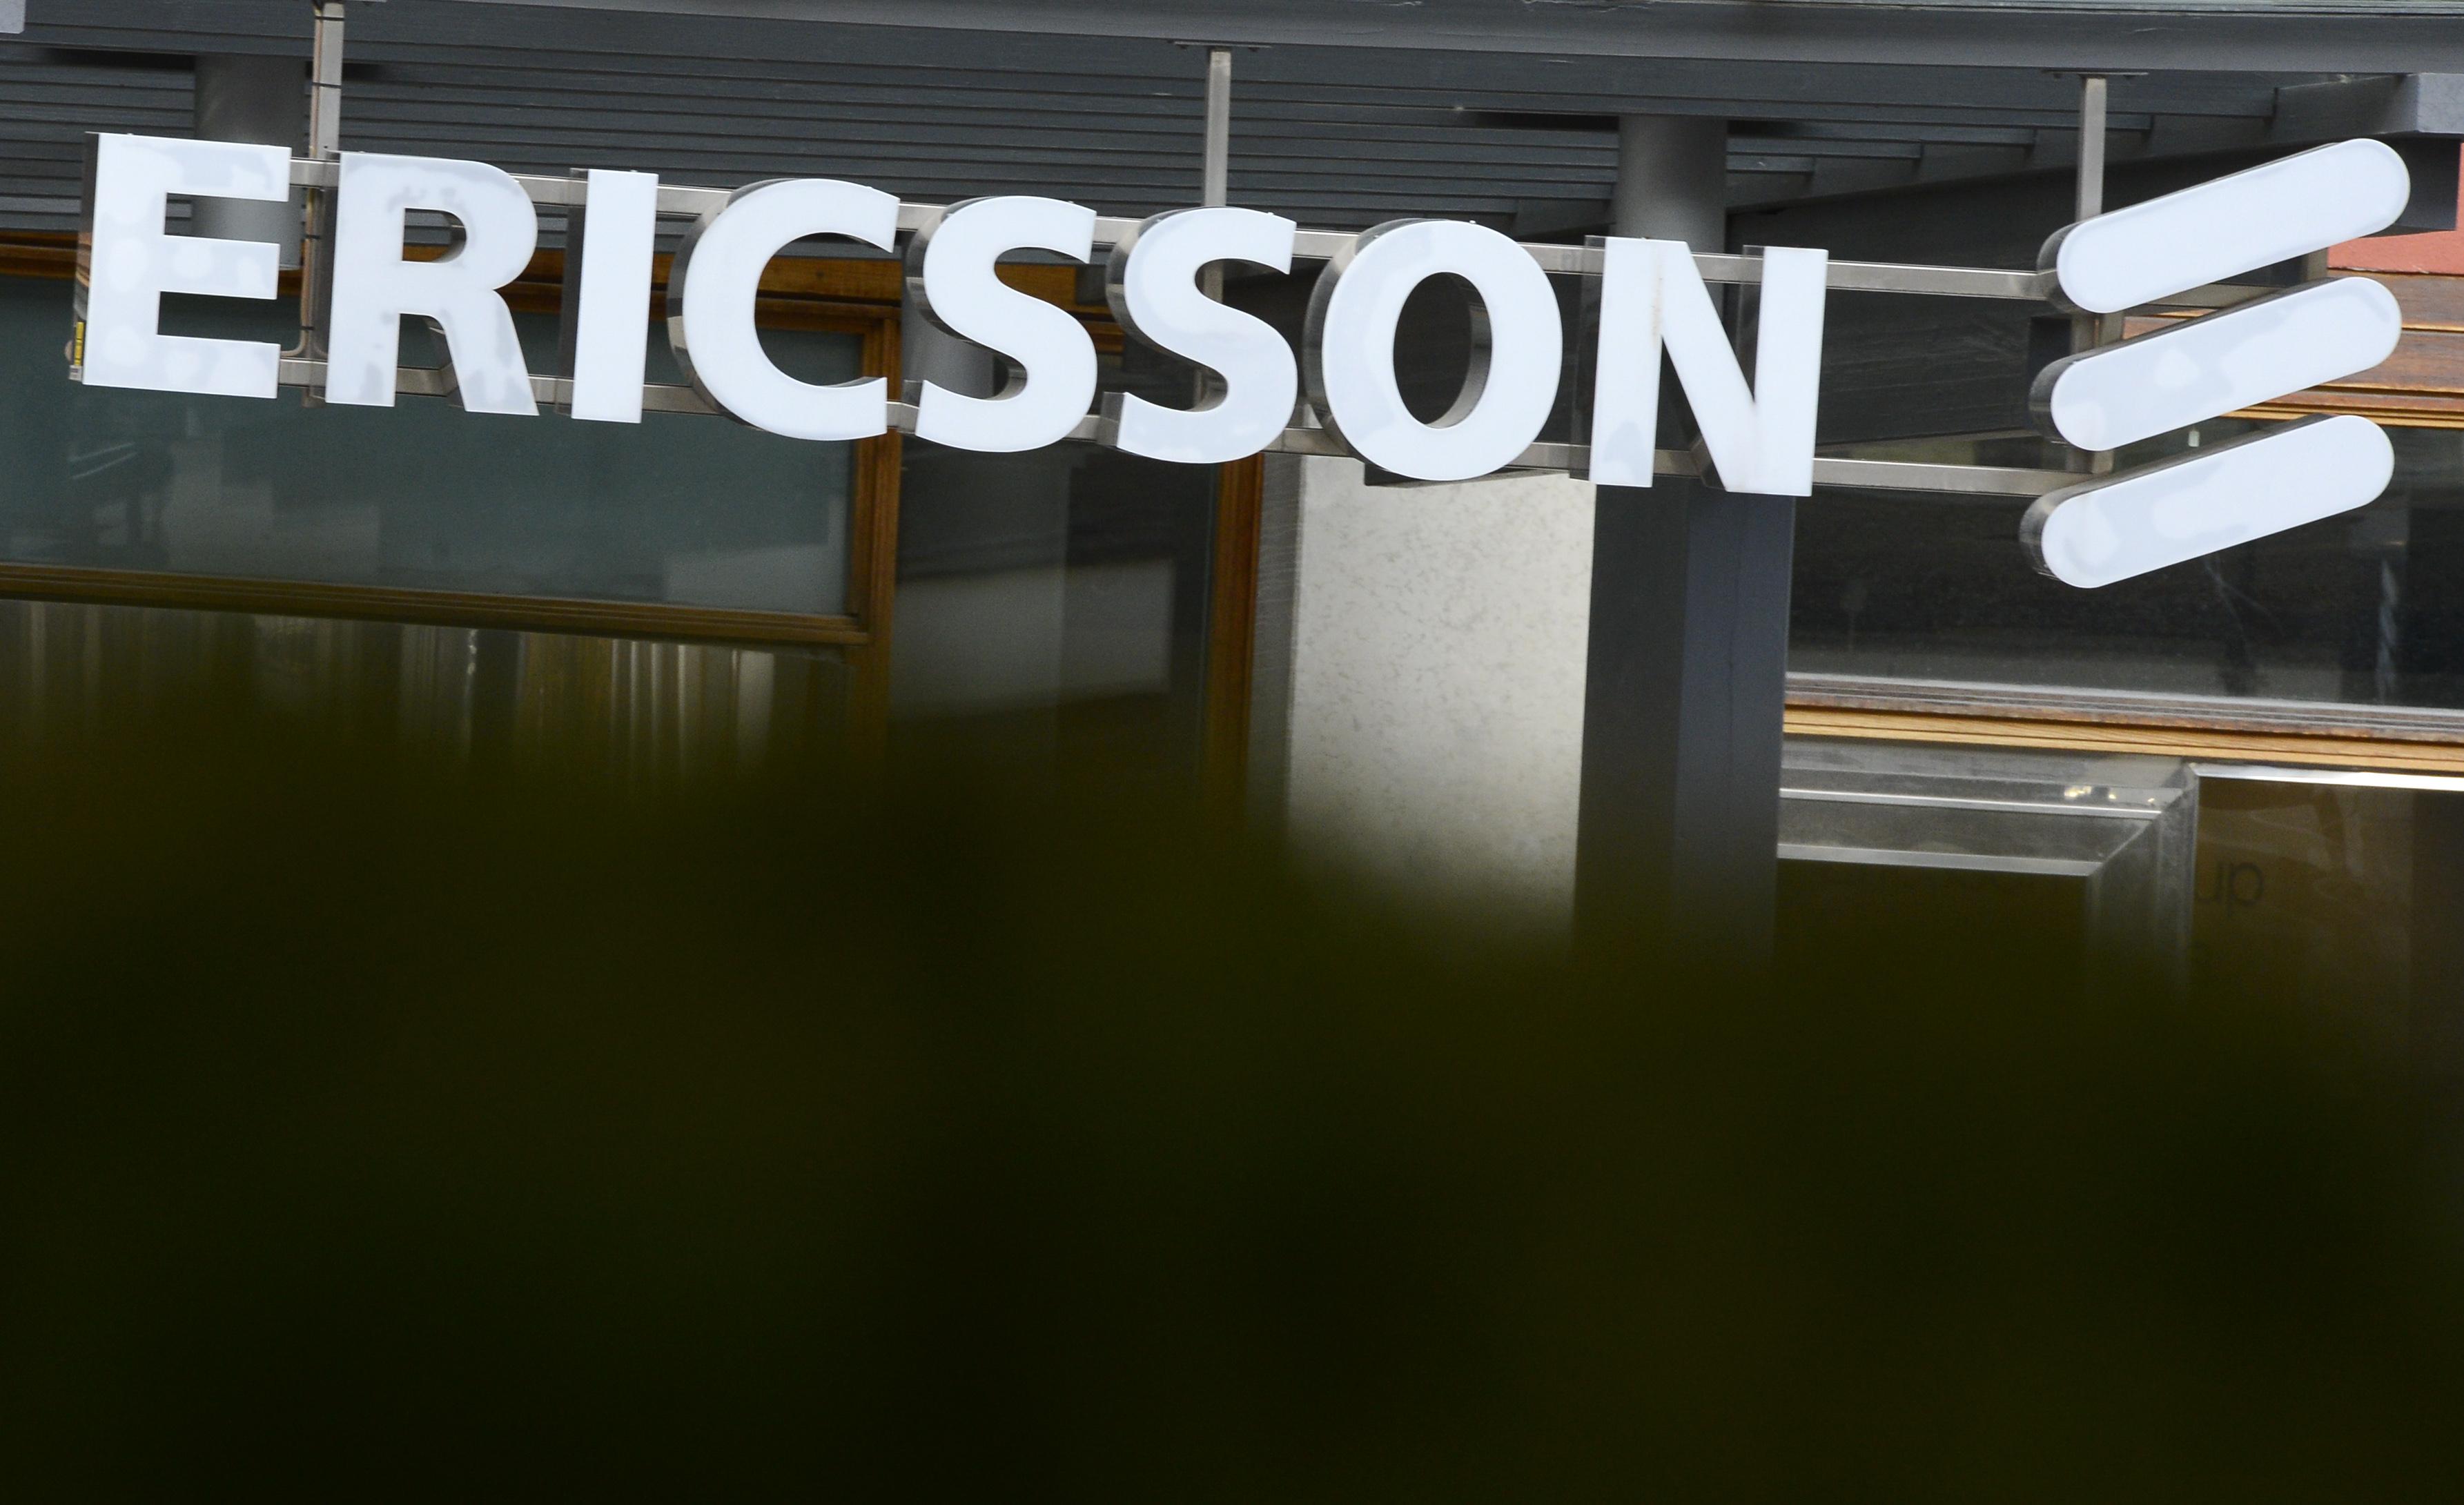 Egymilliárd dollárra bírságolták a svéd Ericssont korrupciós ügyek miatt